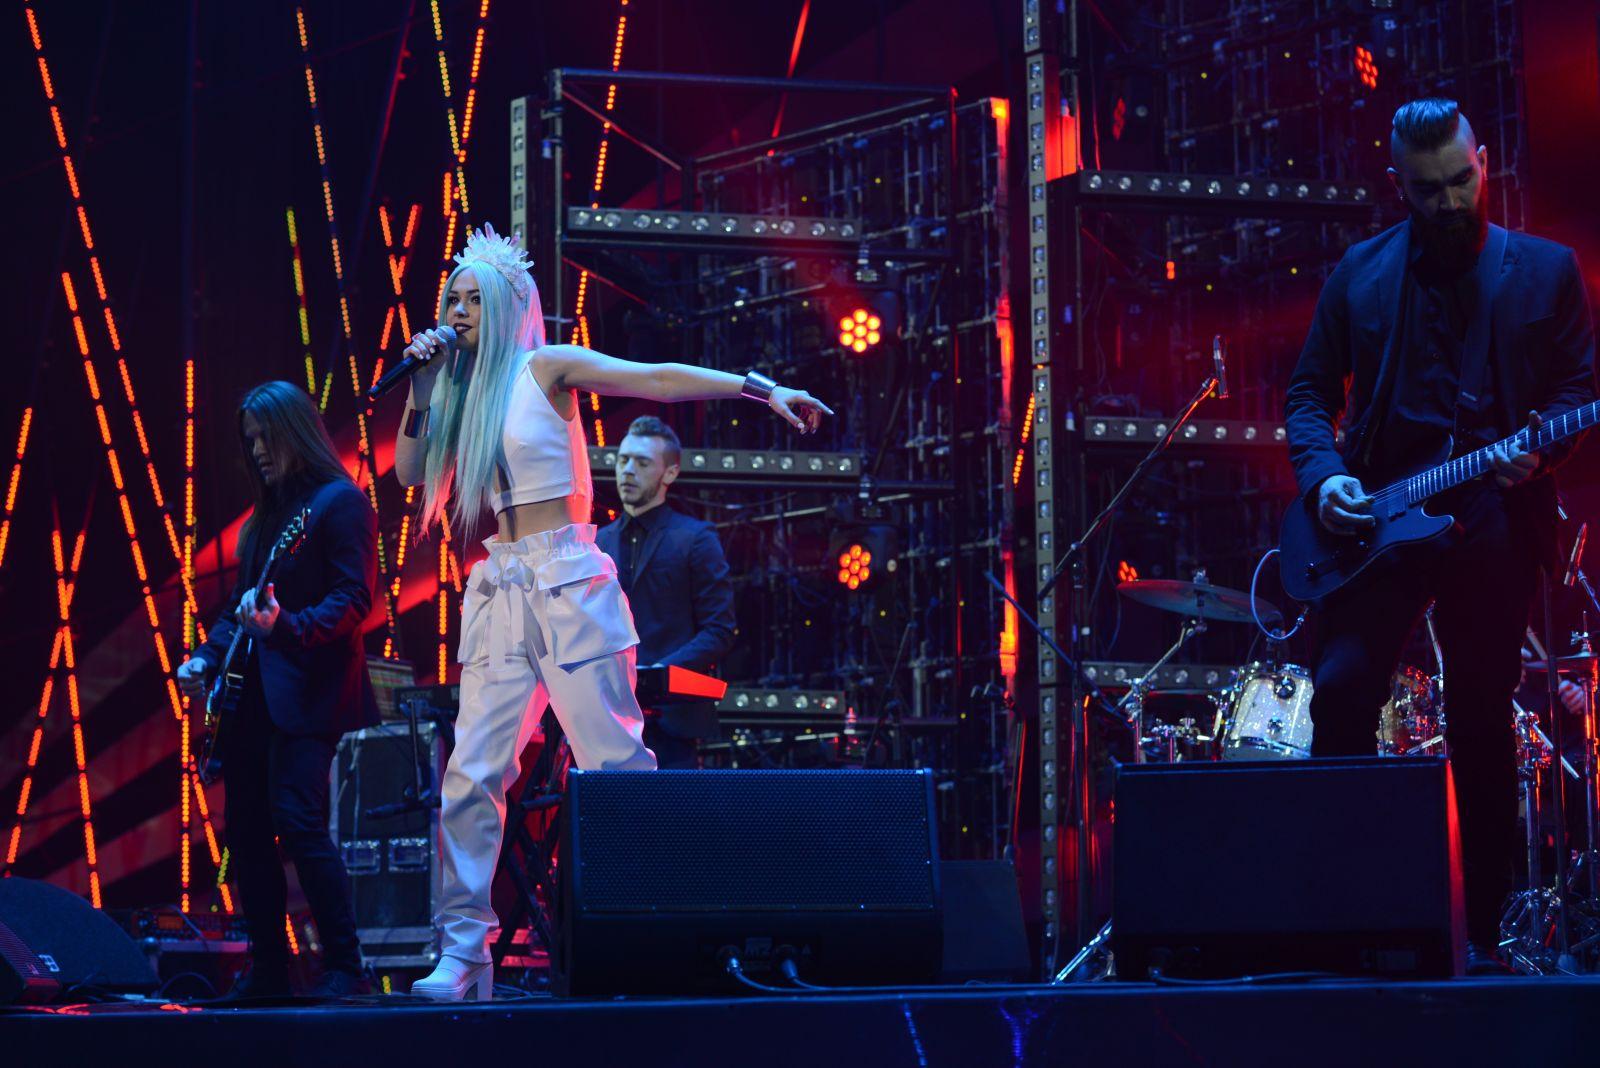 YUNA: названы лучшие исполнители и группы украинской сцены 2014 года - фото №3